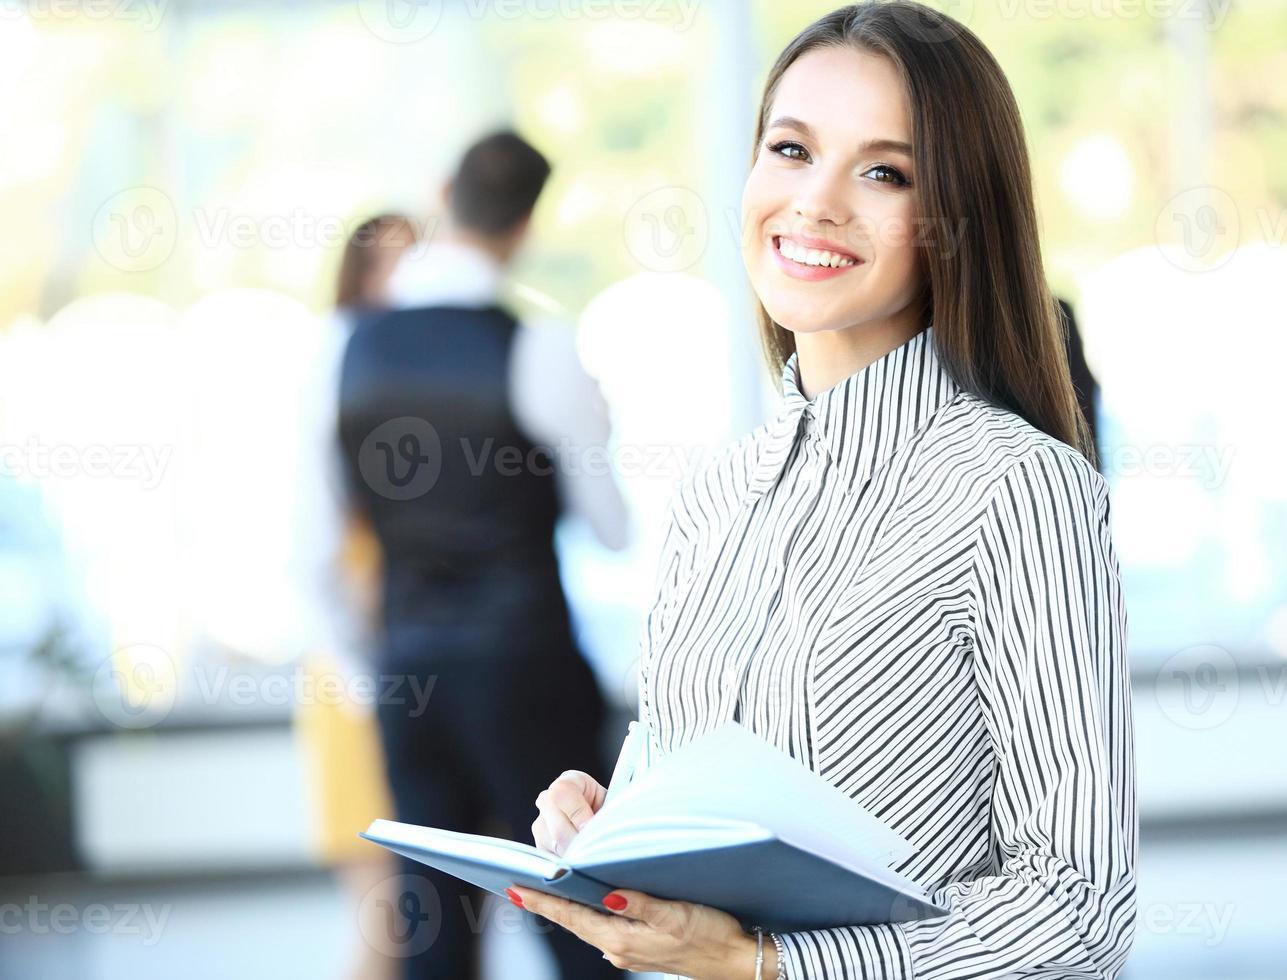 visage de belle femme sur le fond des gens d'affaires photo